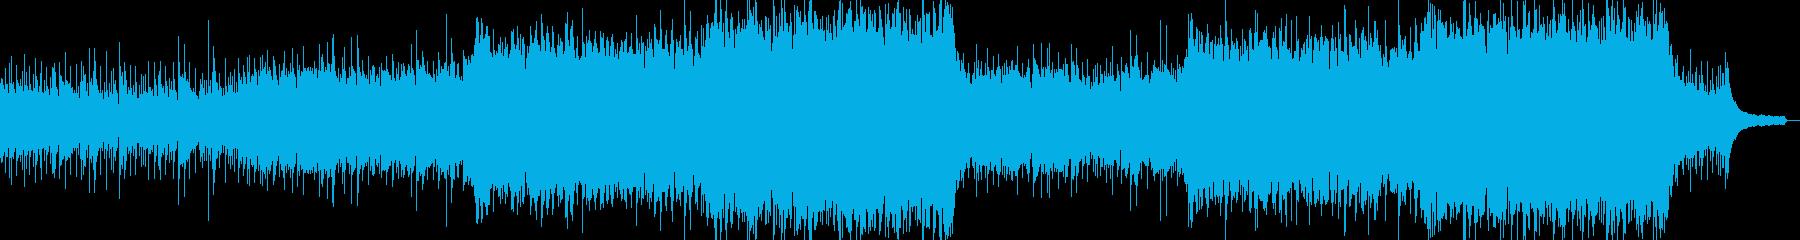 企業VPや映像42、壮大、オーケストラaの再生済みの波形